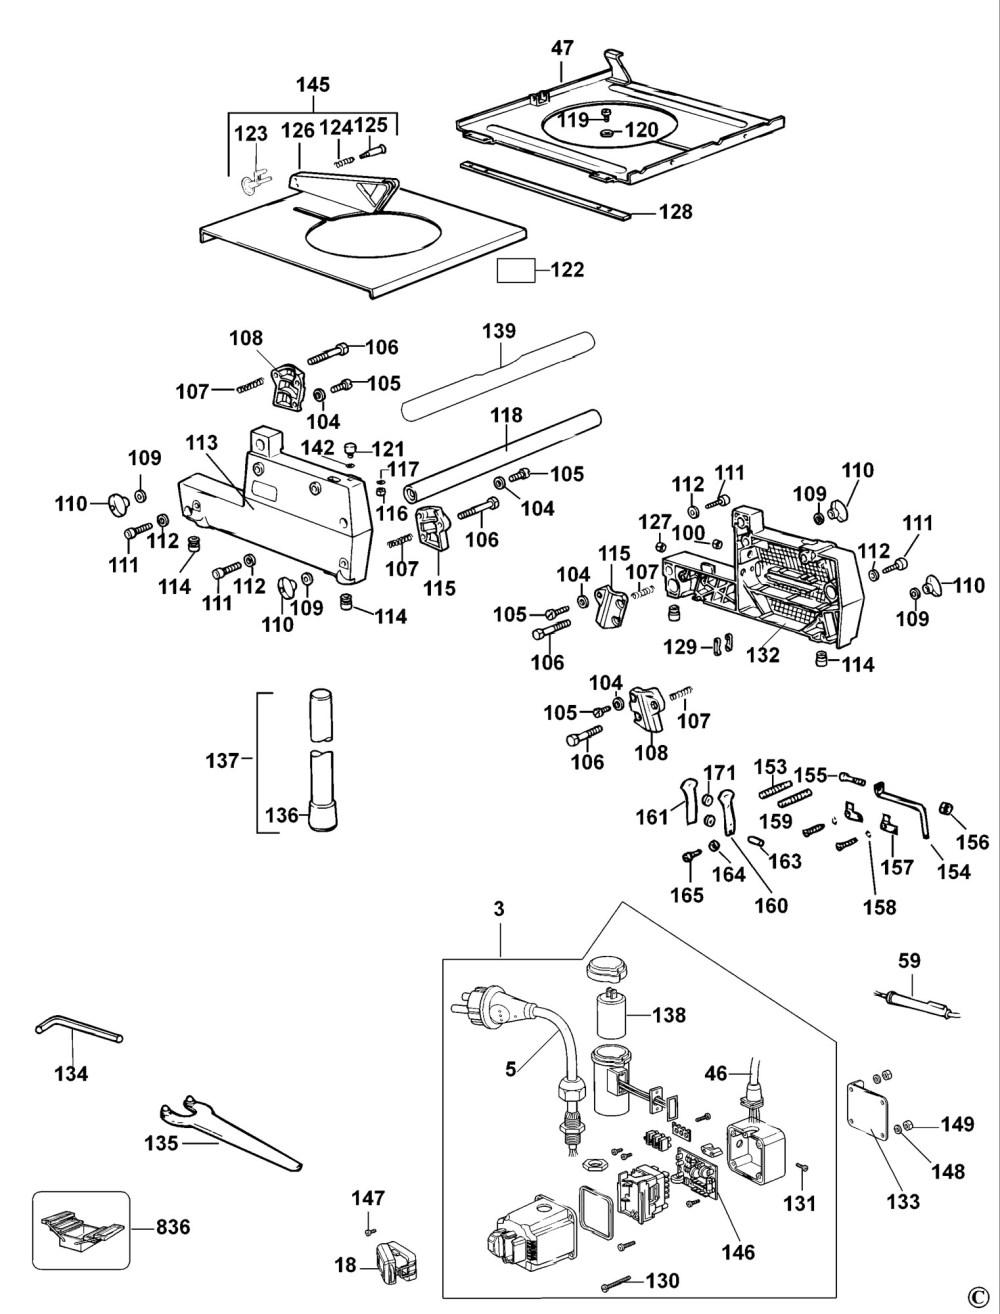 medium resolution of 1987 bayliner trophy wiring diagram wiring diagrambayliner wiring diagram 7 18 sg dbd de